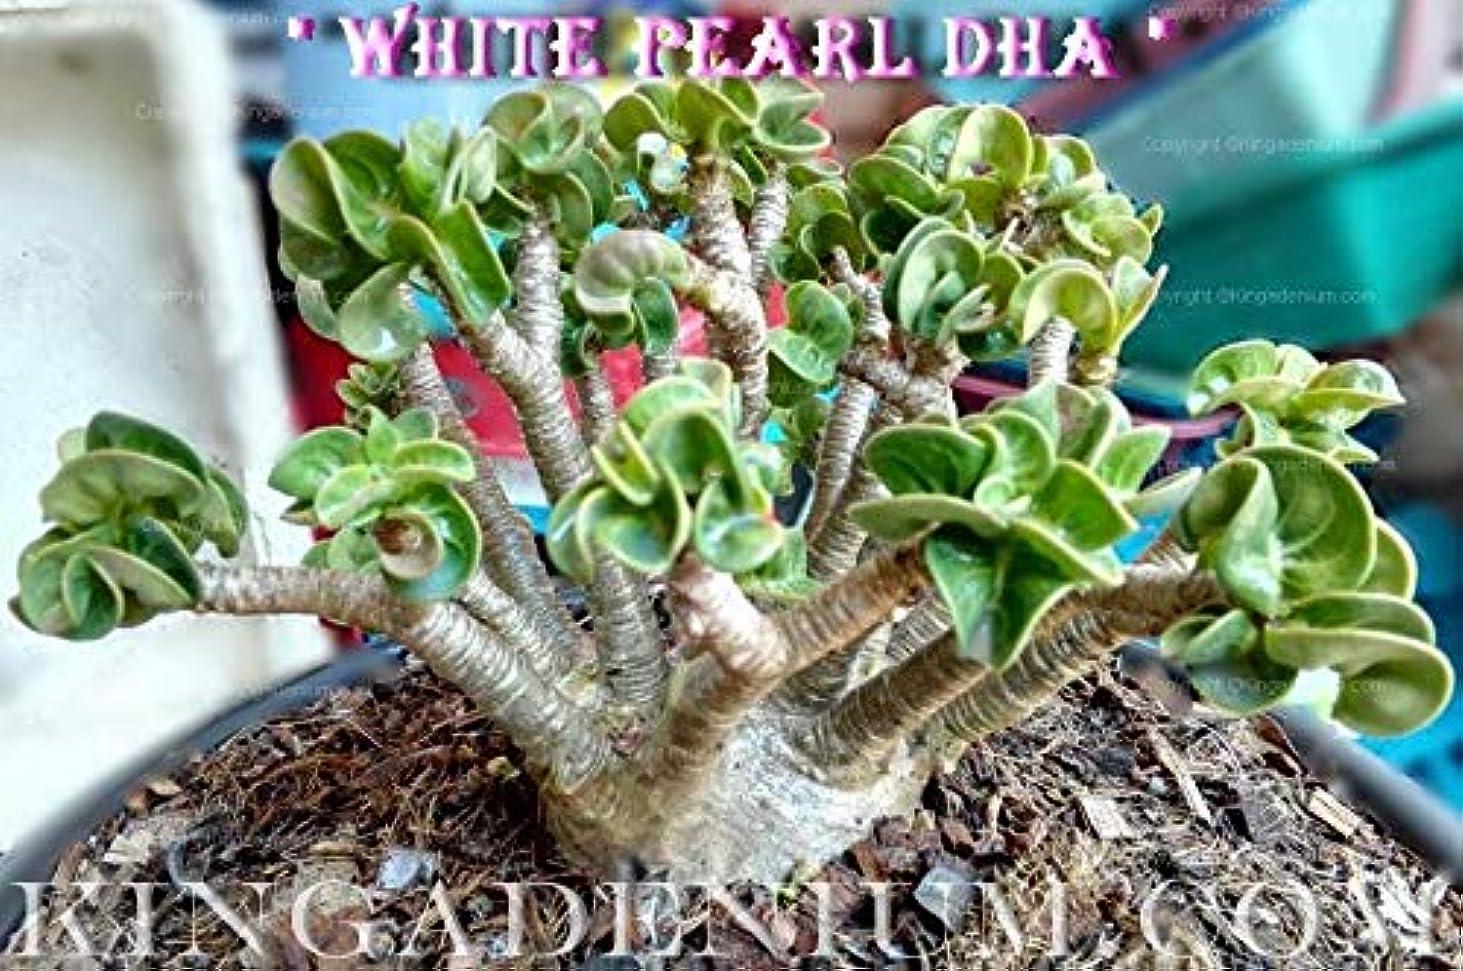 謝罪する好色なソビエト有機種子だけでなく、植物:PEARL DHA DORSET HORNアデニウムTHAI SOCOTRANUM DESERTは100 SEEDSのSEEDS NEW HYB BY FERRYをROSE